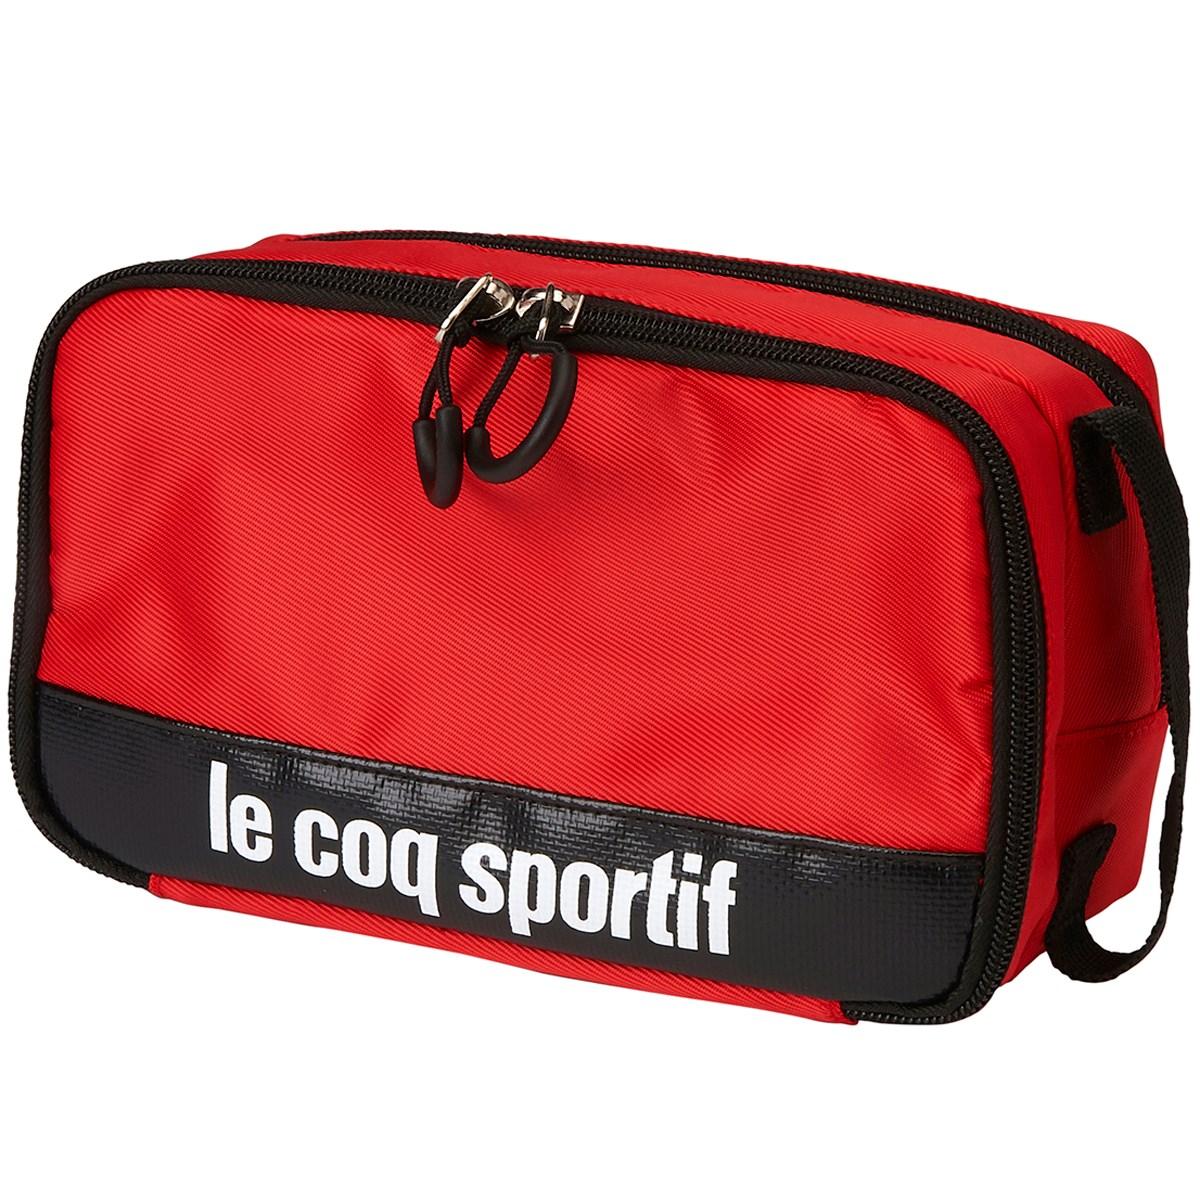 ルコックゴルフ Le coq sportif GOLF マルチポーチ レッド 00